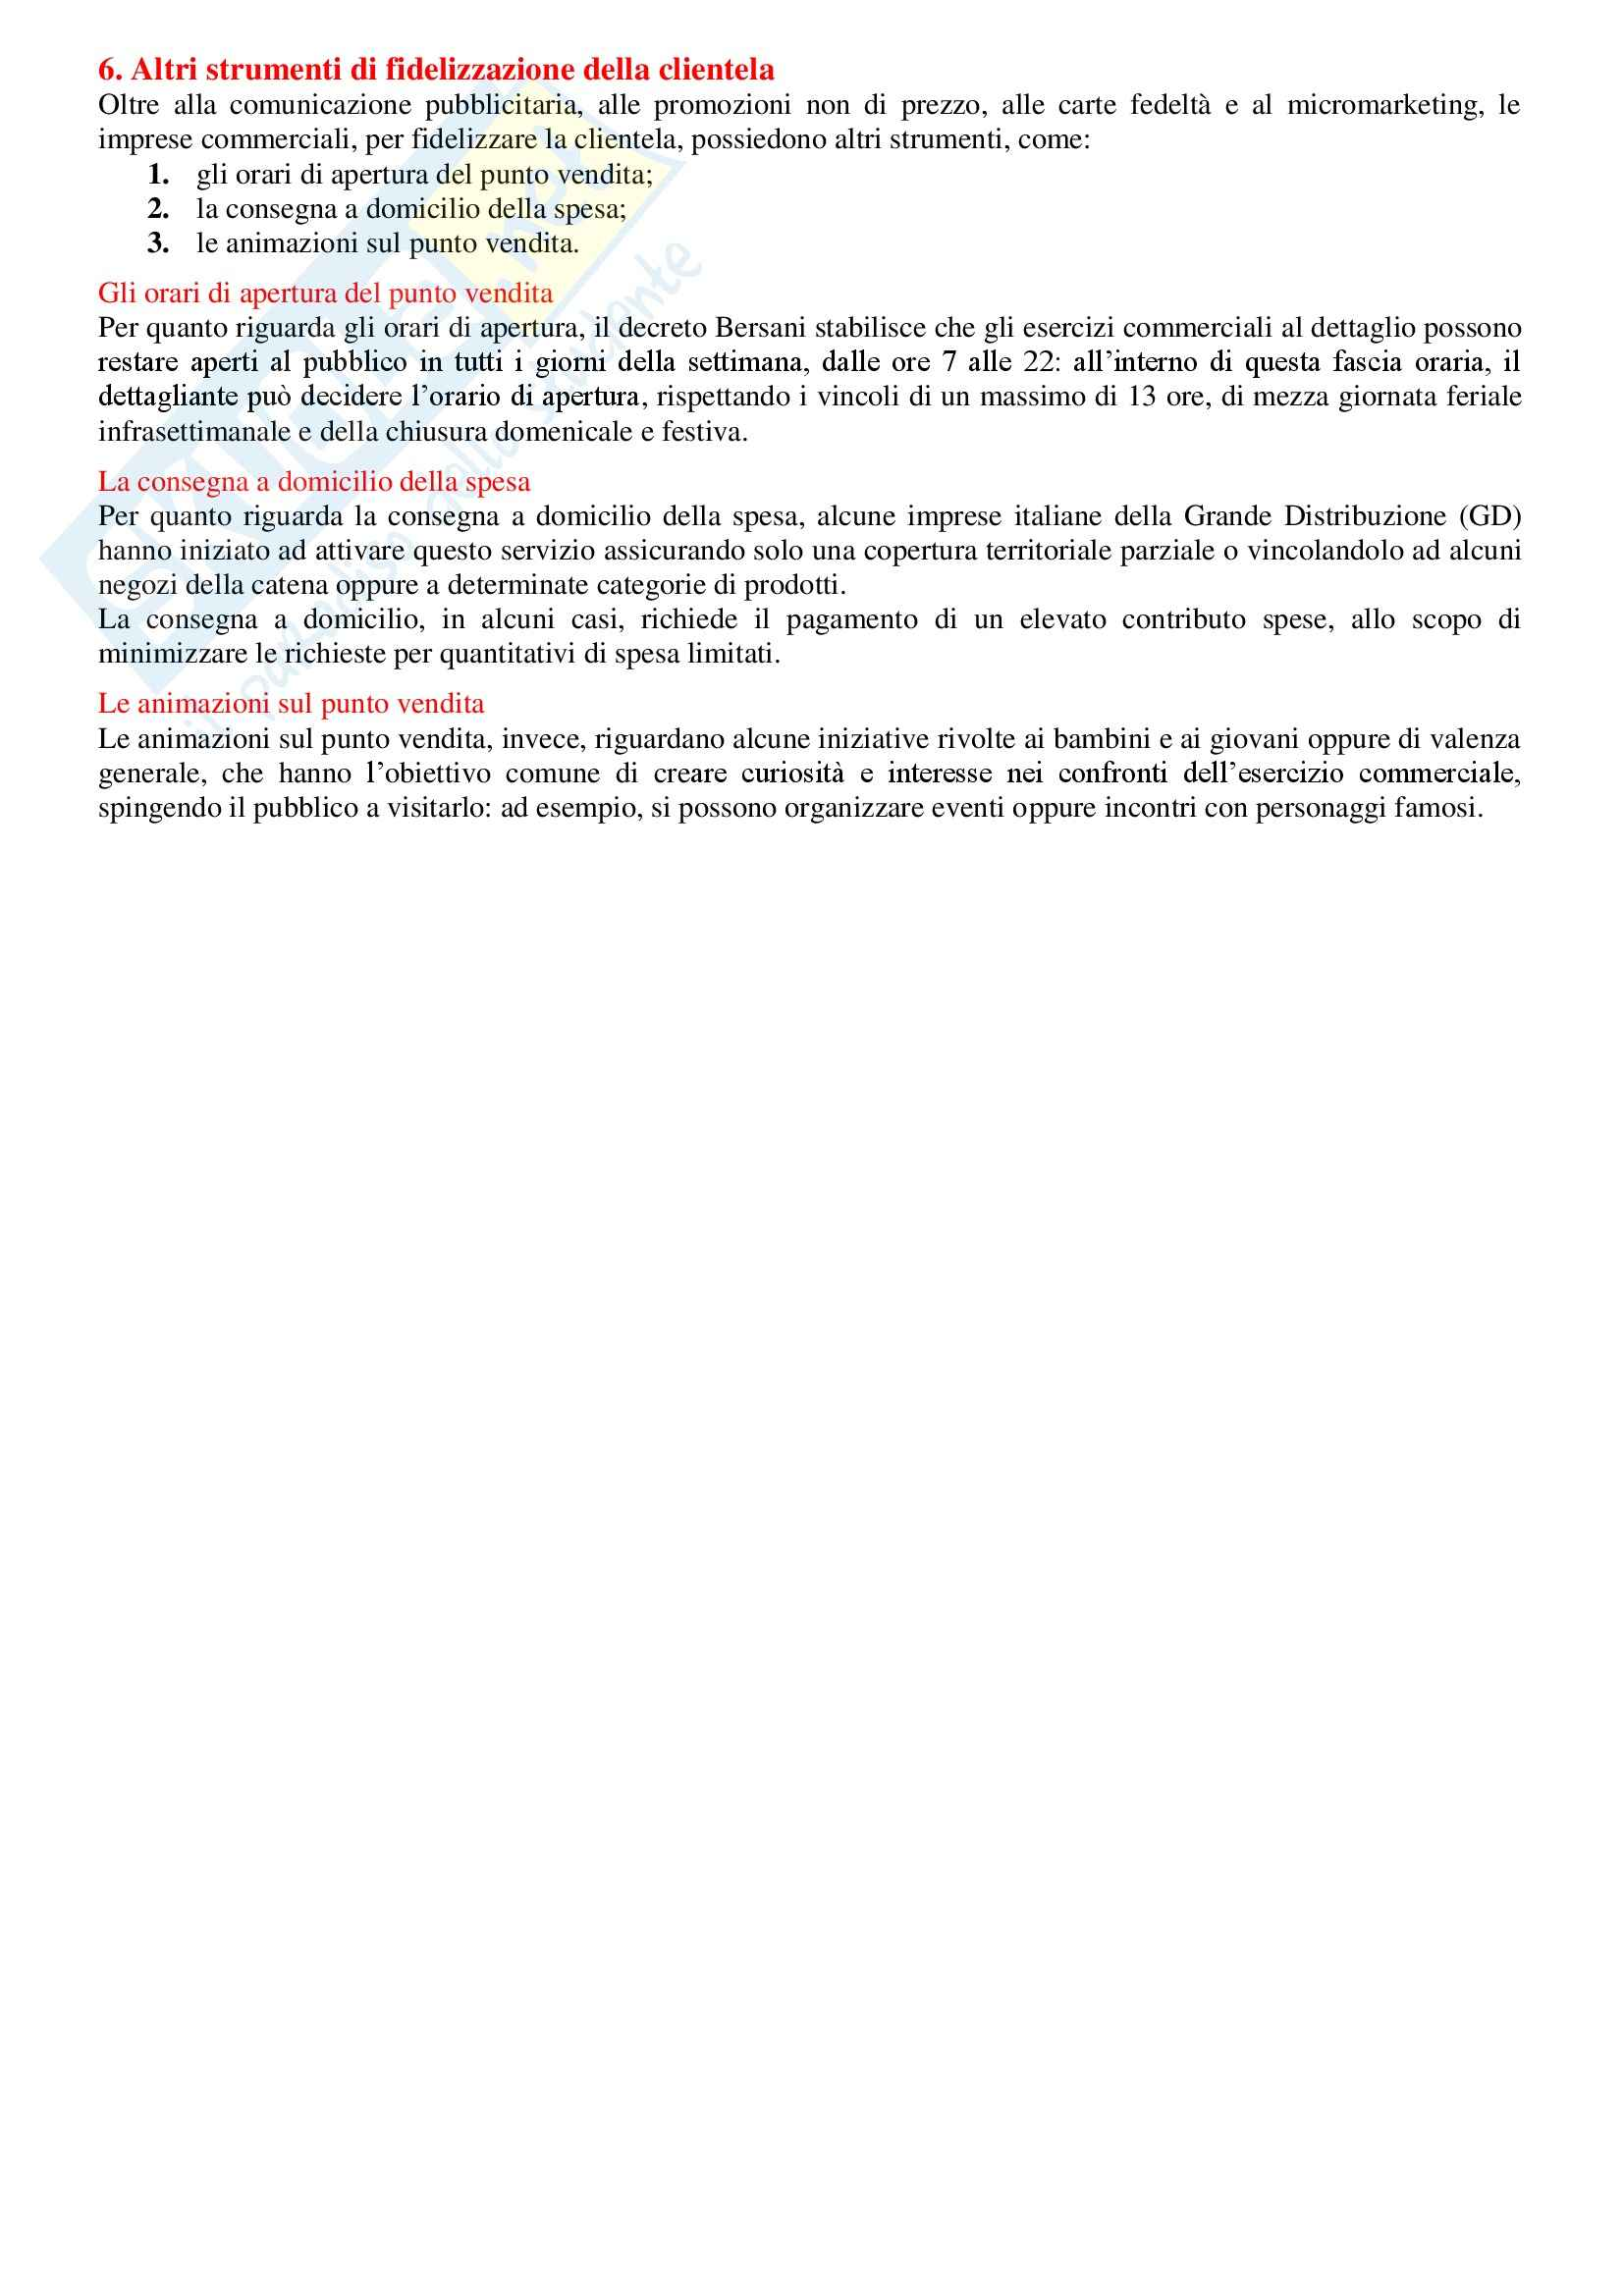 Riassunto esame Economia e gestione delle imprese commerciali, libro adottato Contemporary retailing - Il governo dell'impresa commerciale moderna di Roberto Sbrana e Alessandro Grandolfo (Edizione 2007) Pag. 56